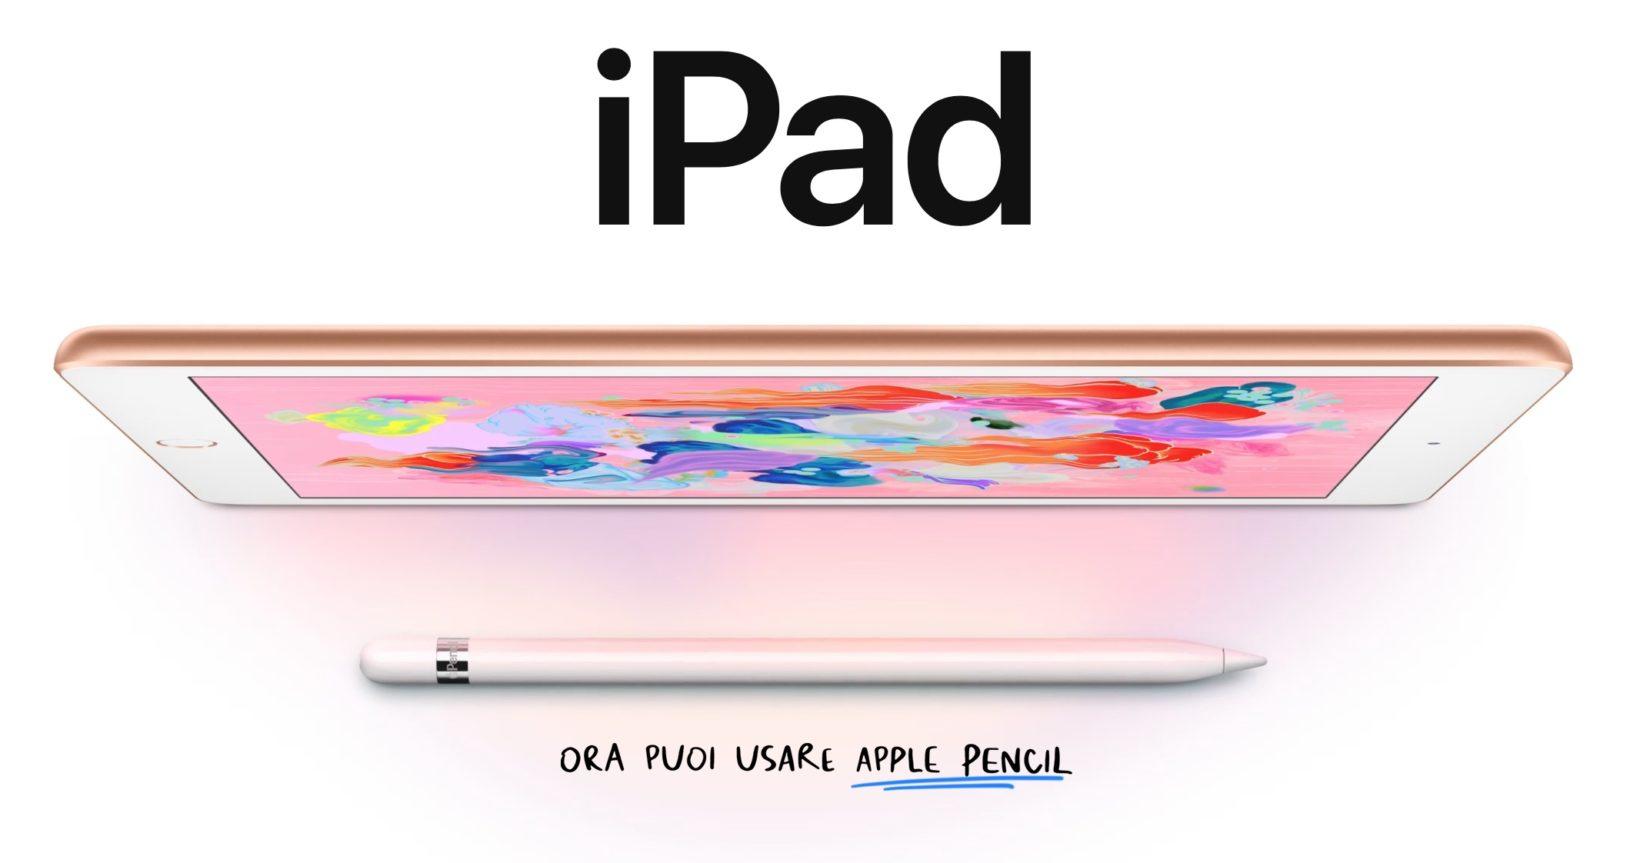 Sconto iPad 6 2018, compatibile Apple Pencil: 309 euro su Apple Store